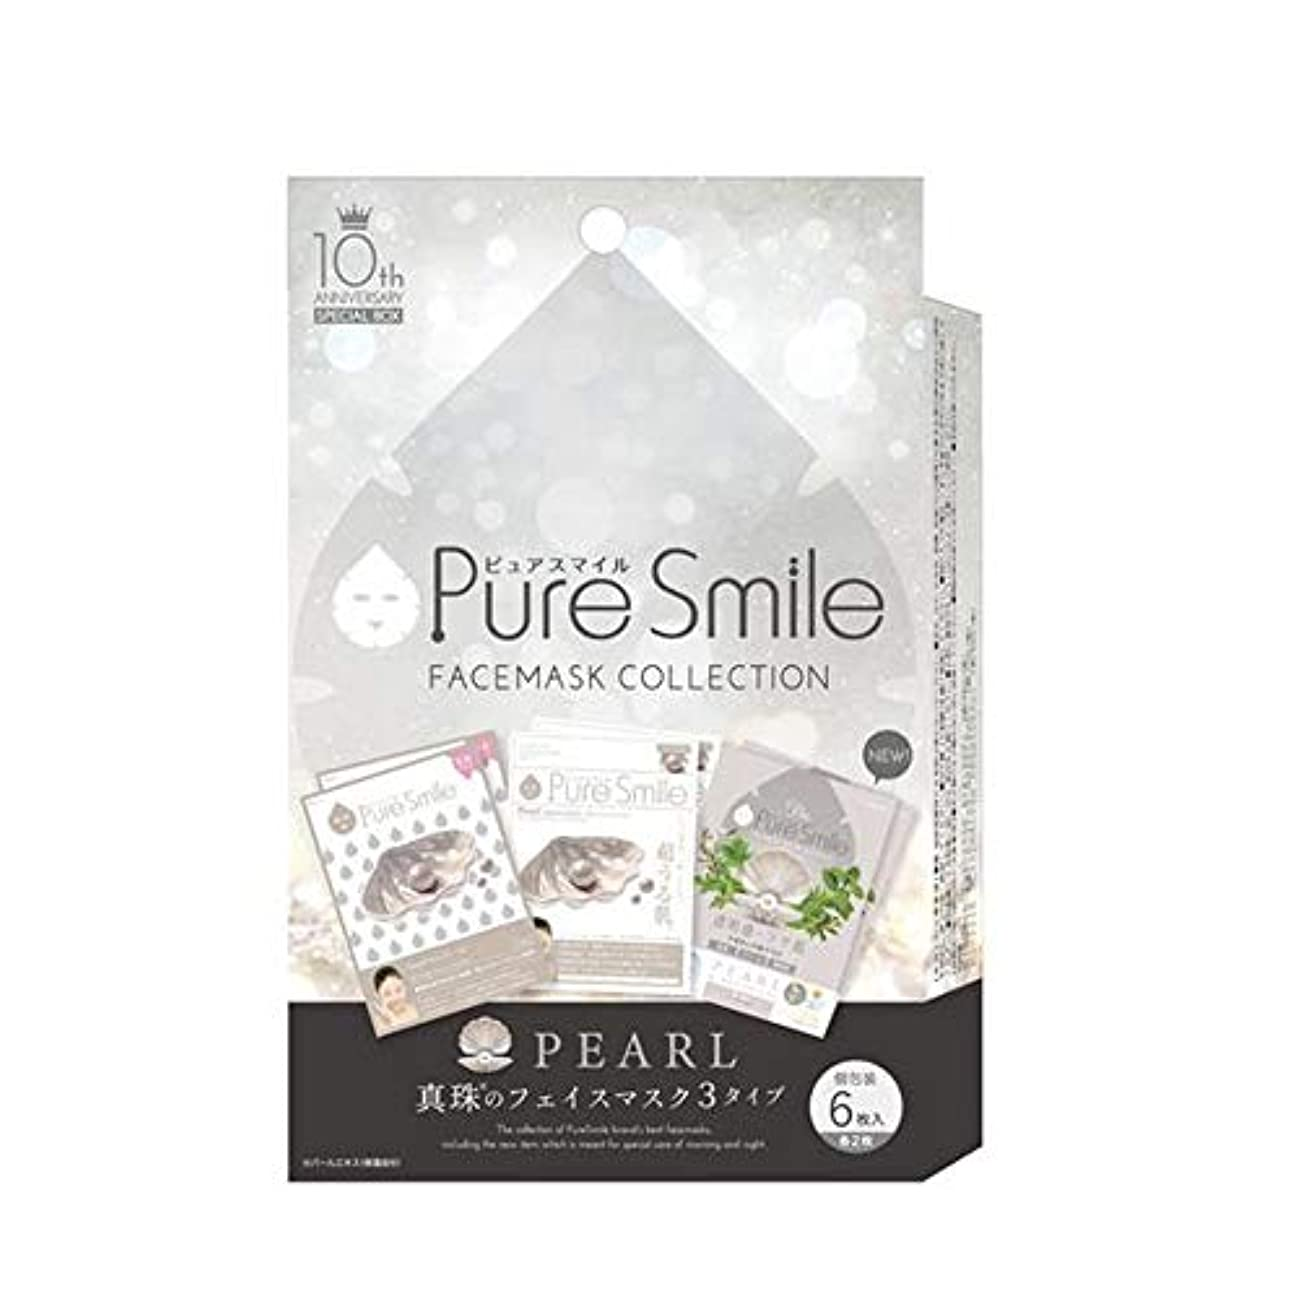 クレーンゴミ箱を空にするステージピュア スマイル Pure Smile 10thアニバーサリー スペシャルボックス 真珠 6枚入り